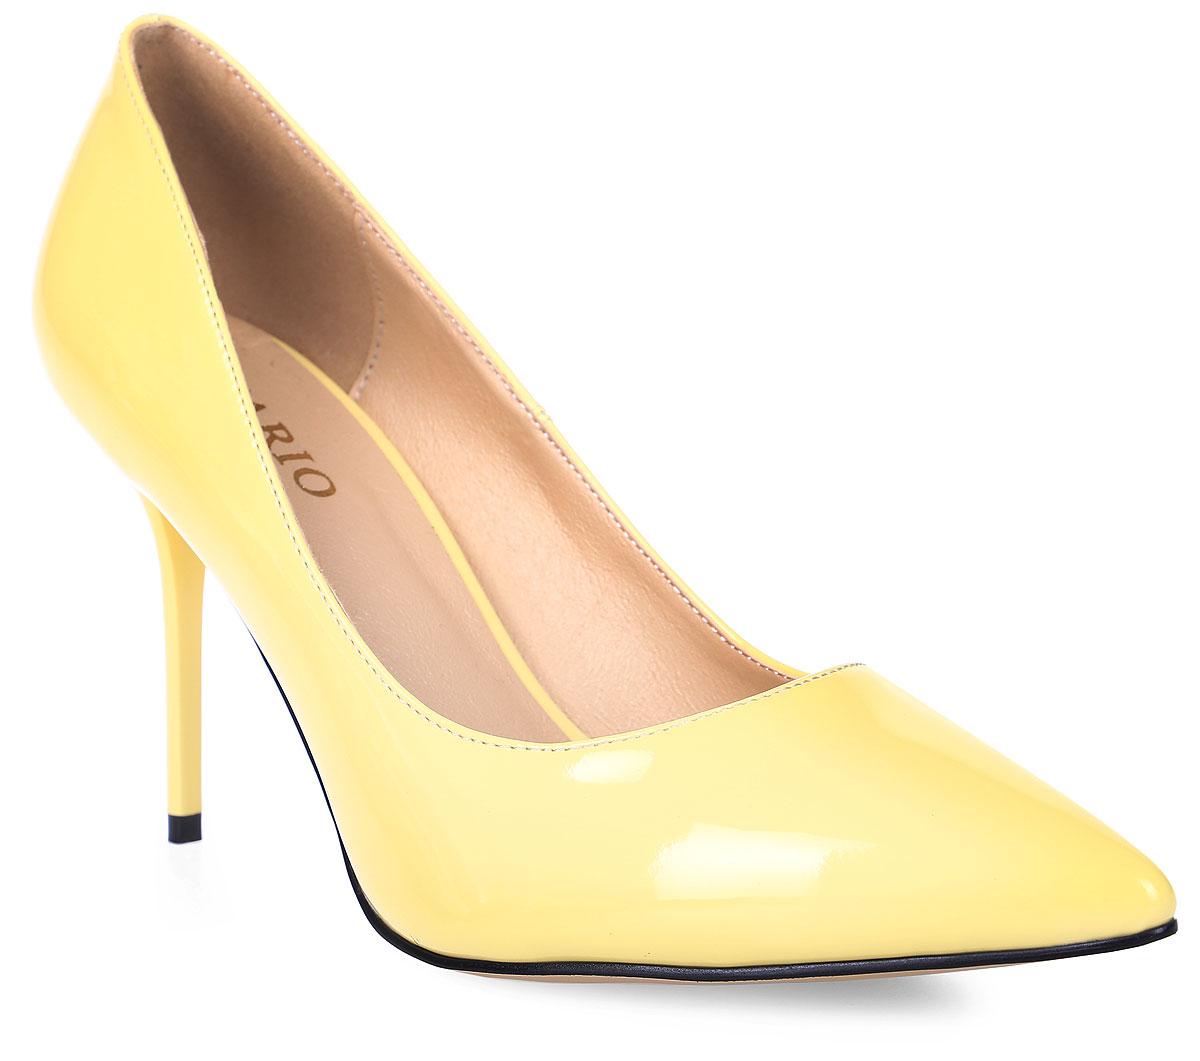 Туфли женские Inario, цвет: желтый. 17176-01-6. Размер 3717176-01-6Туфли Inario выполнены из искусственной лаковой кожи. Внутренняя поверхность и стелька из искусственной кожи обеспечат комфорт при движении. Подошва выполнена из полимера. Модель имеет острый мысок и каблук-шпильку.